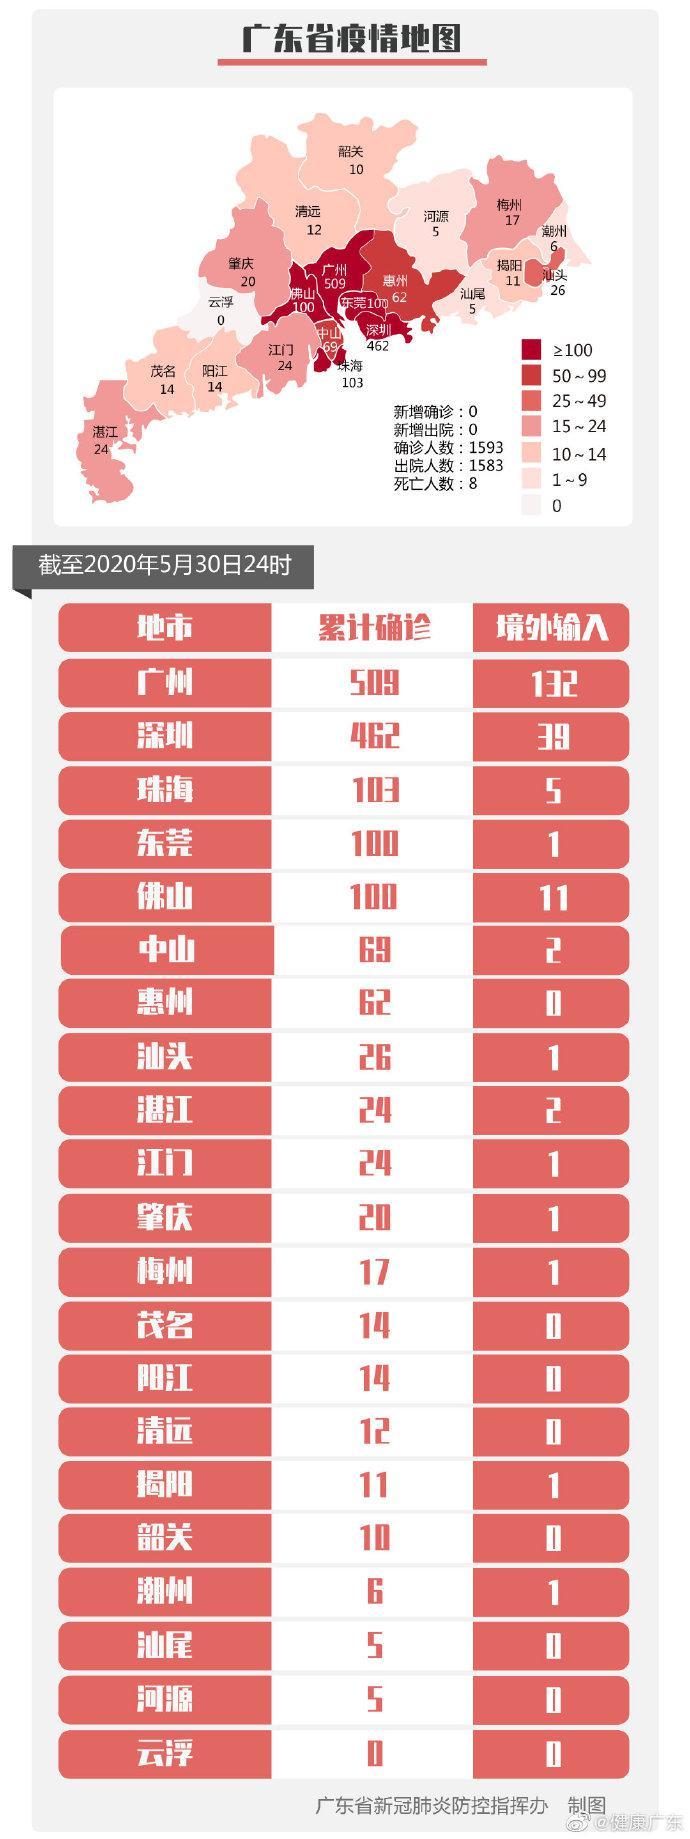 广东省无新增新冠疫情病例